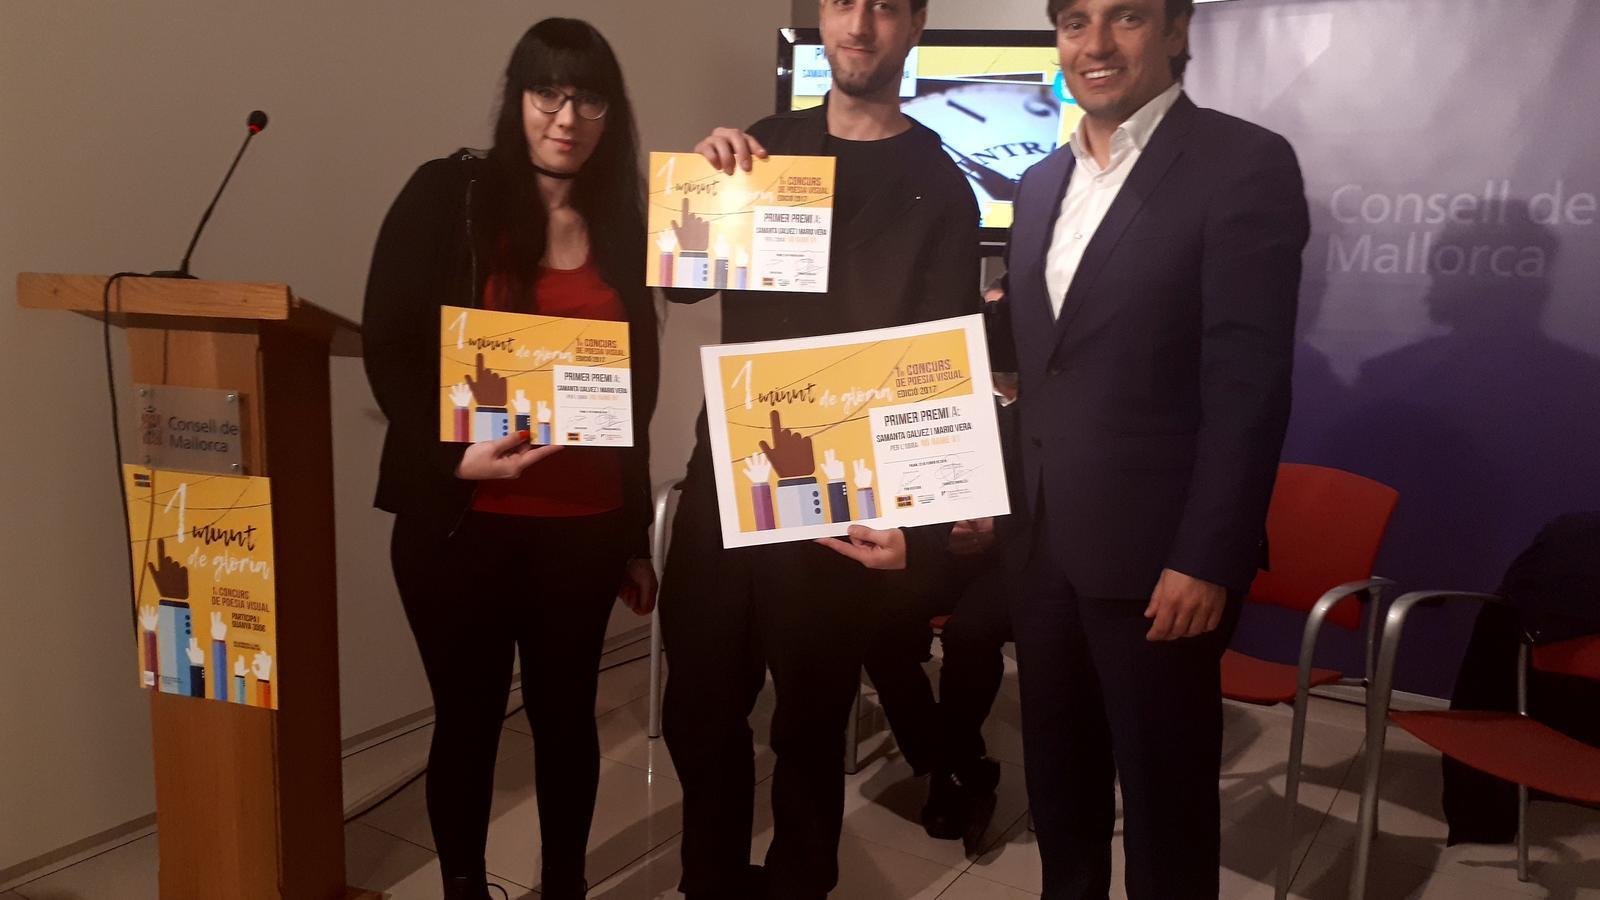 El vicepresident Francesc Miralles amb Mario Vera i Samanta Galvez, guanyadors d'aquest primer certamen de poesia visual '1 minut de gloria'.